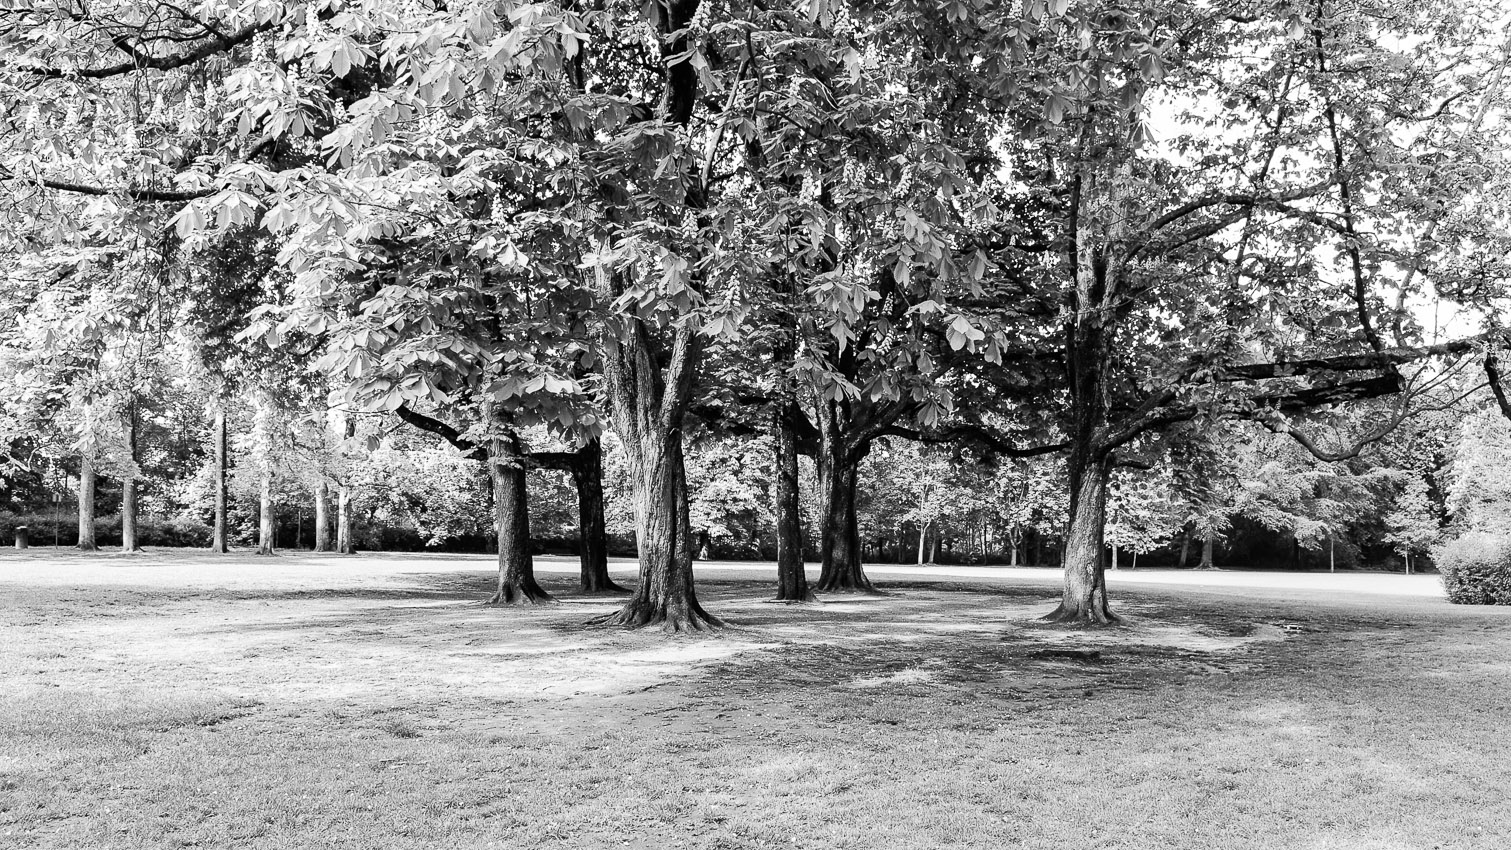 12-parc-foret-location-decors-film-cinema-photo-belgium-bruxelles